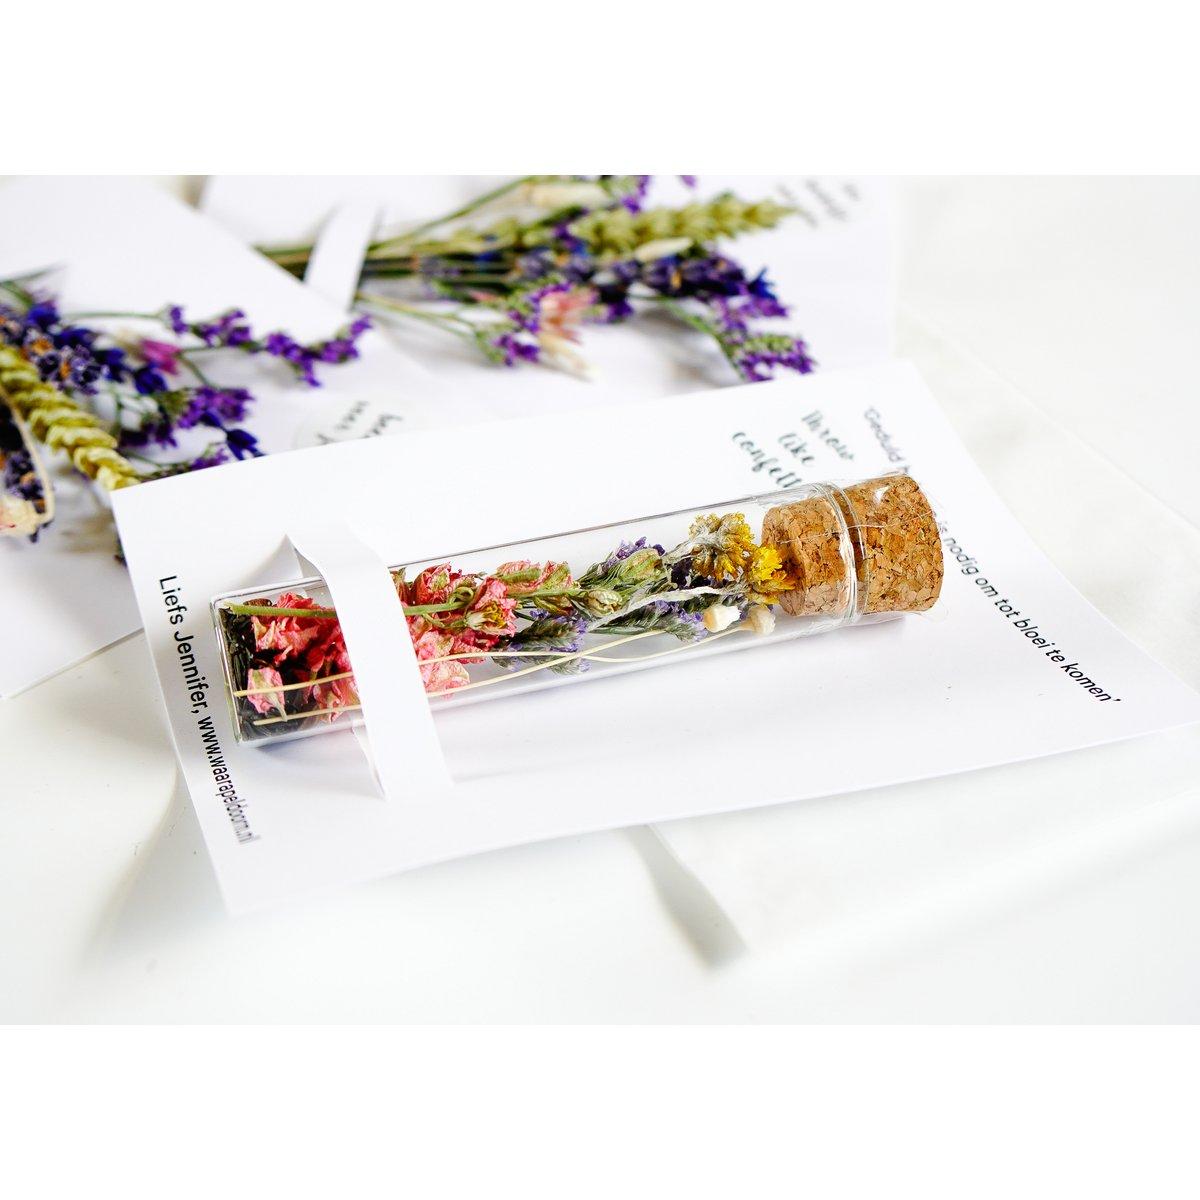 Sfeerfoto van buisje met droogbloemen op een personaliseerbare kaart. Duurzaam relatiegeschenk